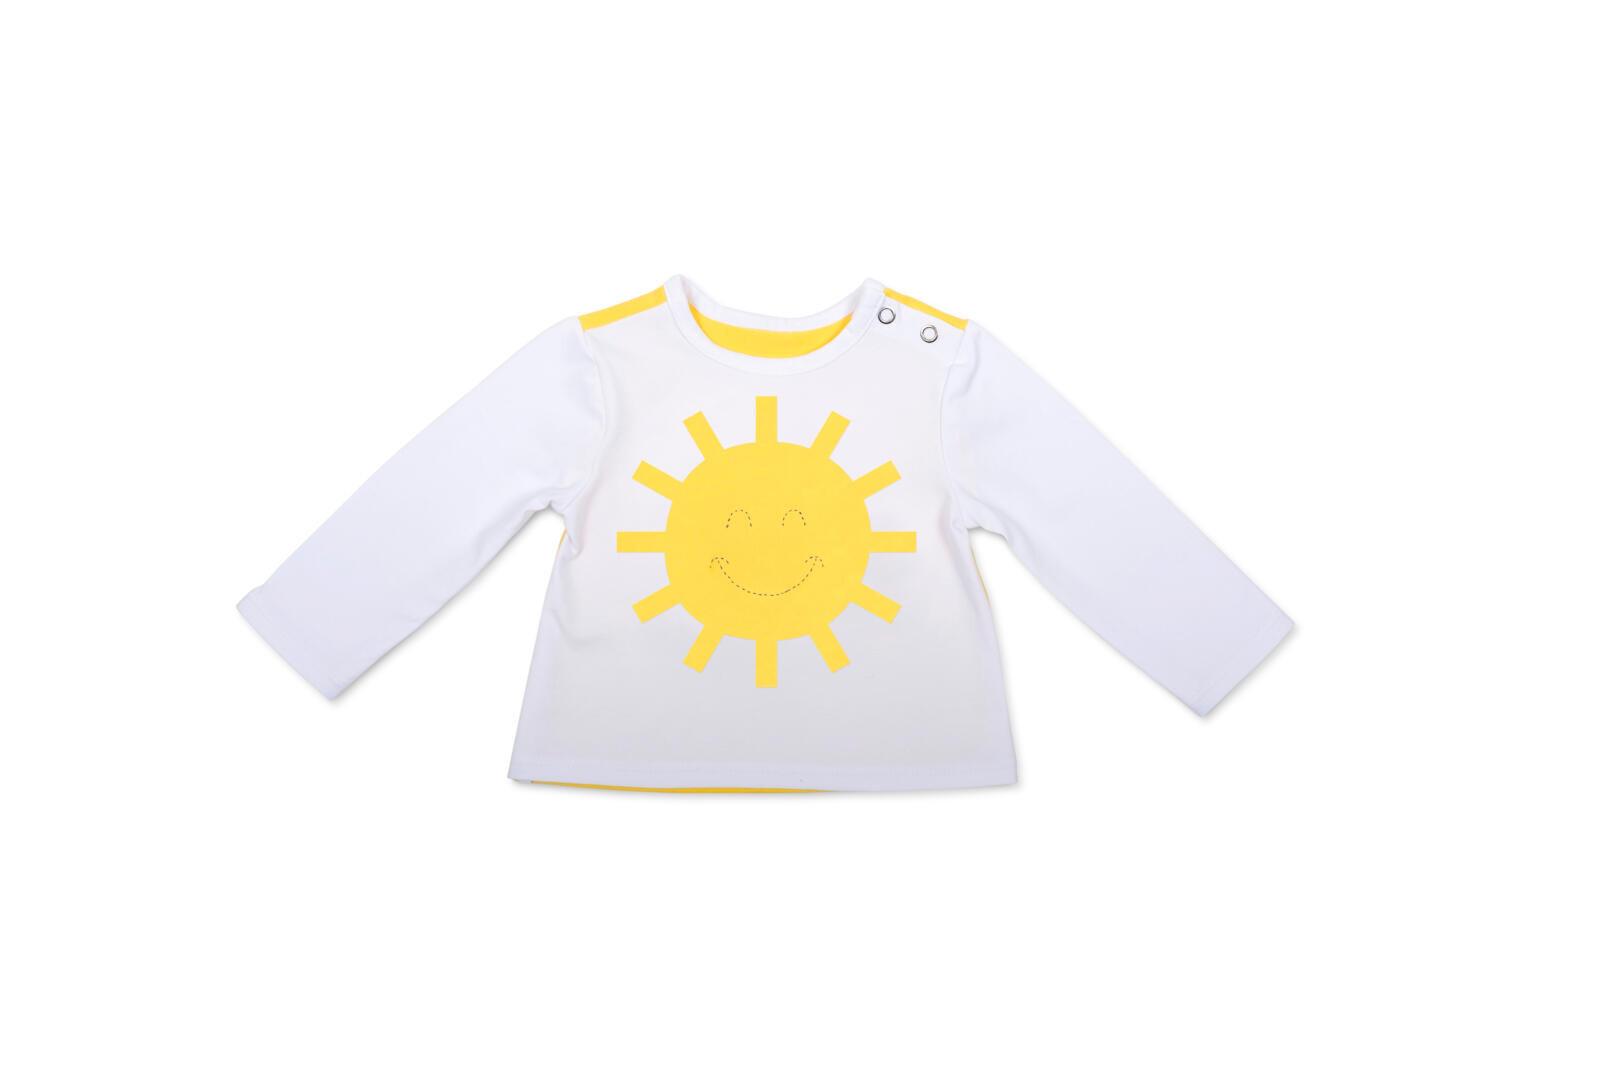 Knipkids 0120 - 3 T-shirt